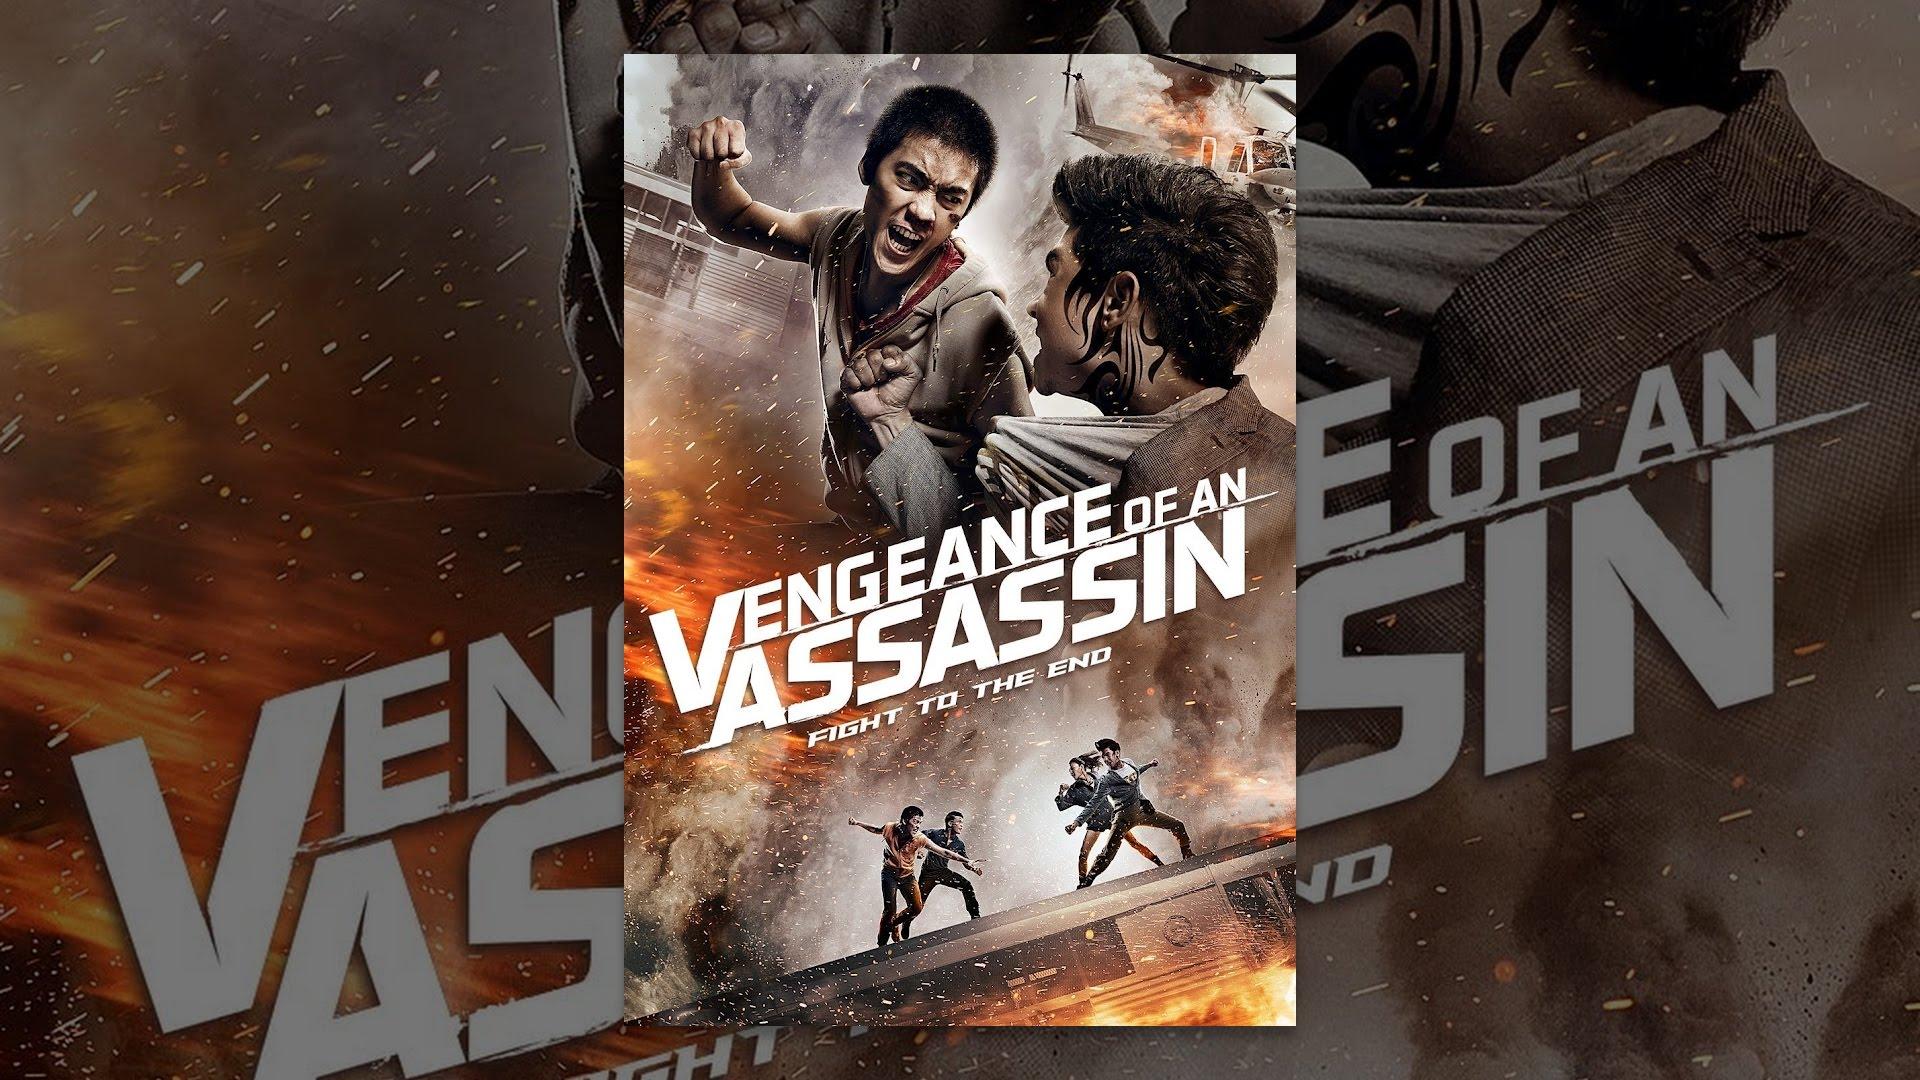 Download Vengeance of an Assassin